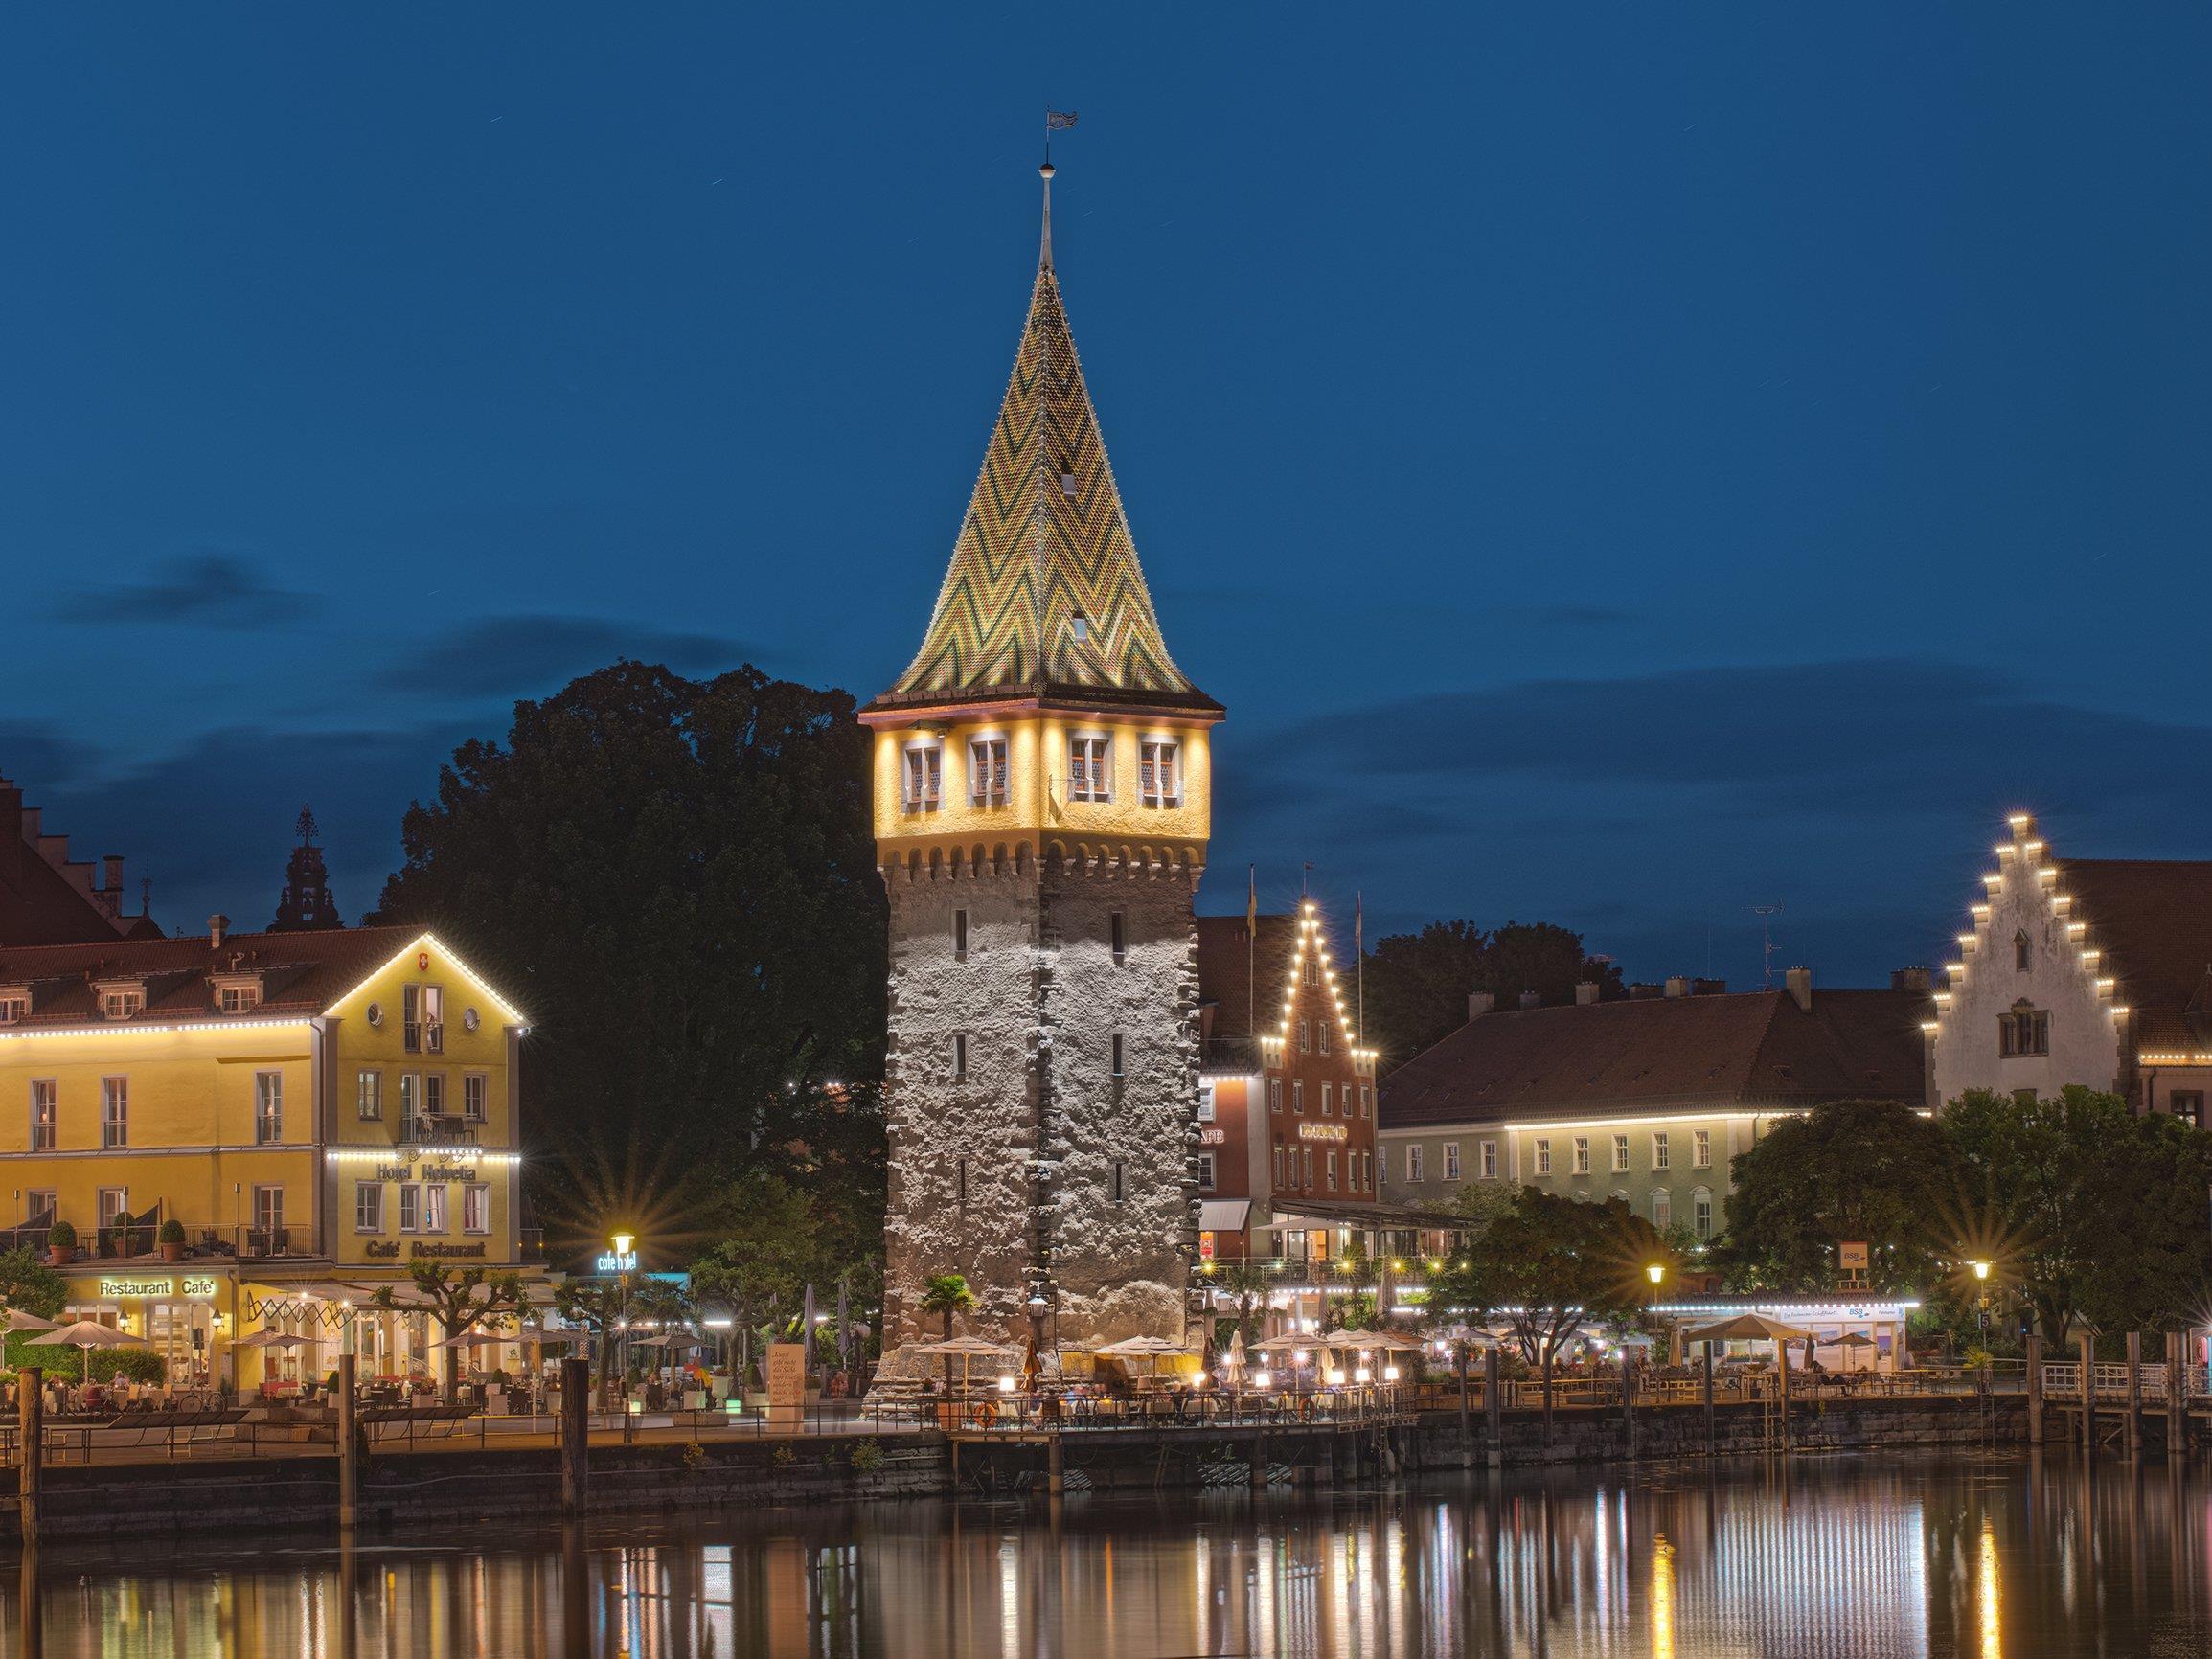 Der Mangturm in Lindau wurde von Zumtobel neu beleuchtet.